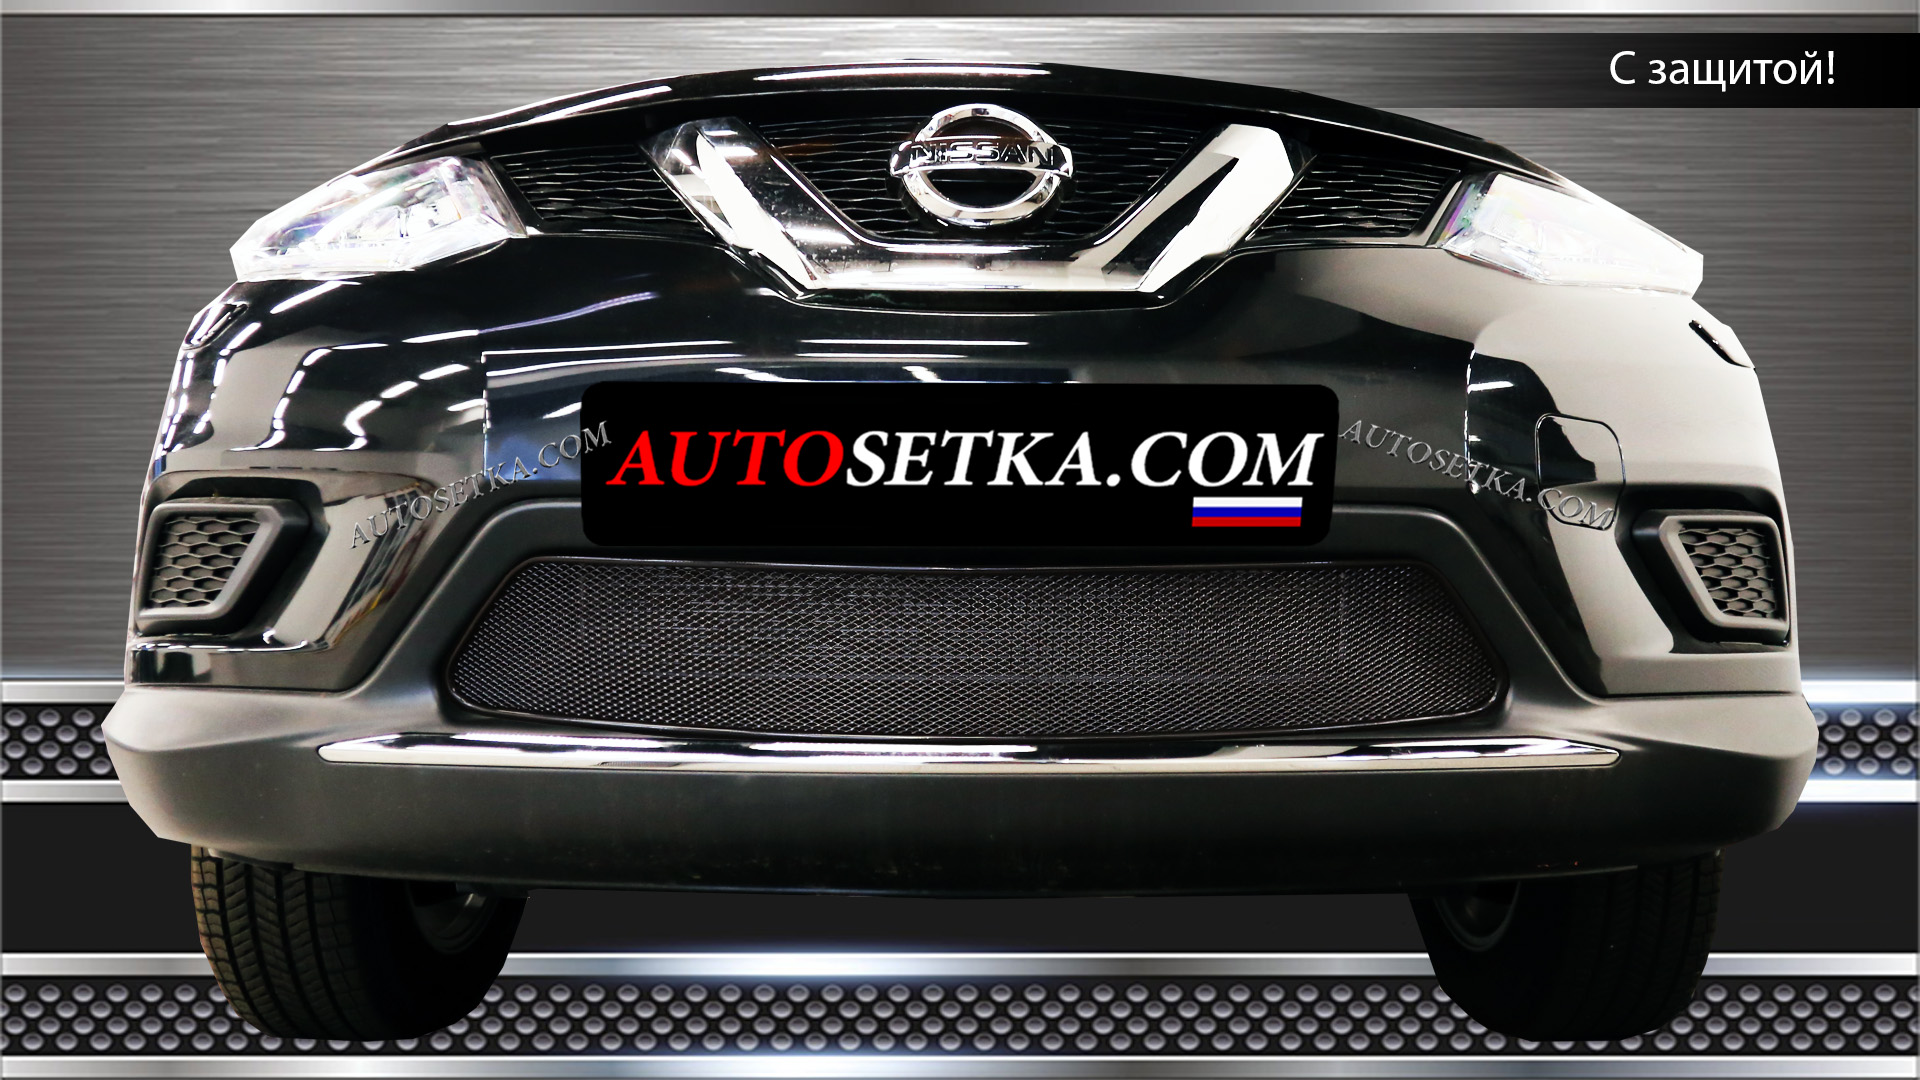 Nissan X-Trail 2015 без парктроников